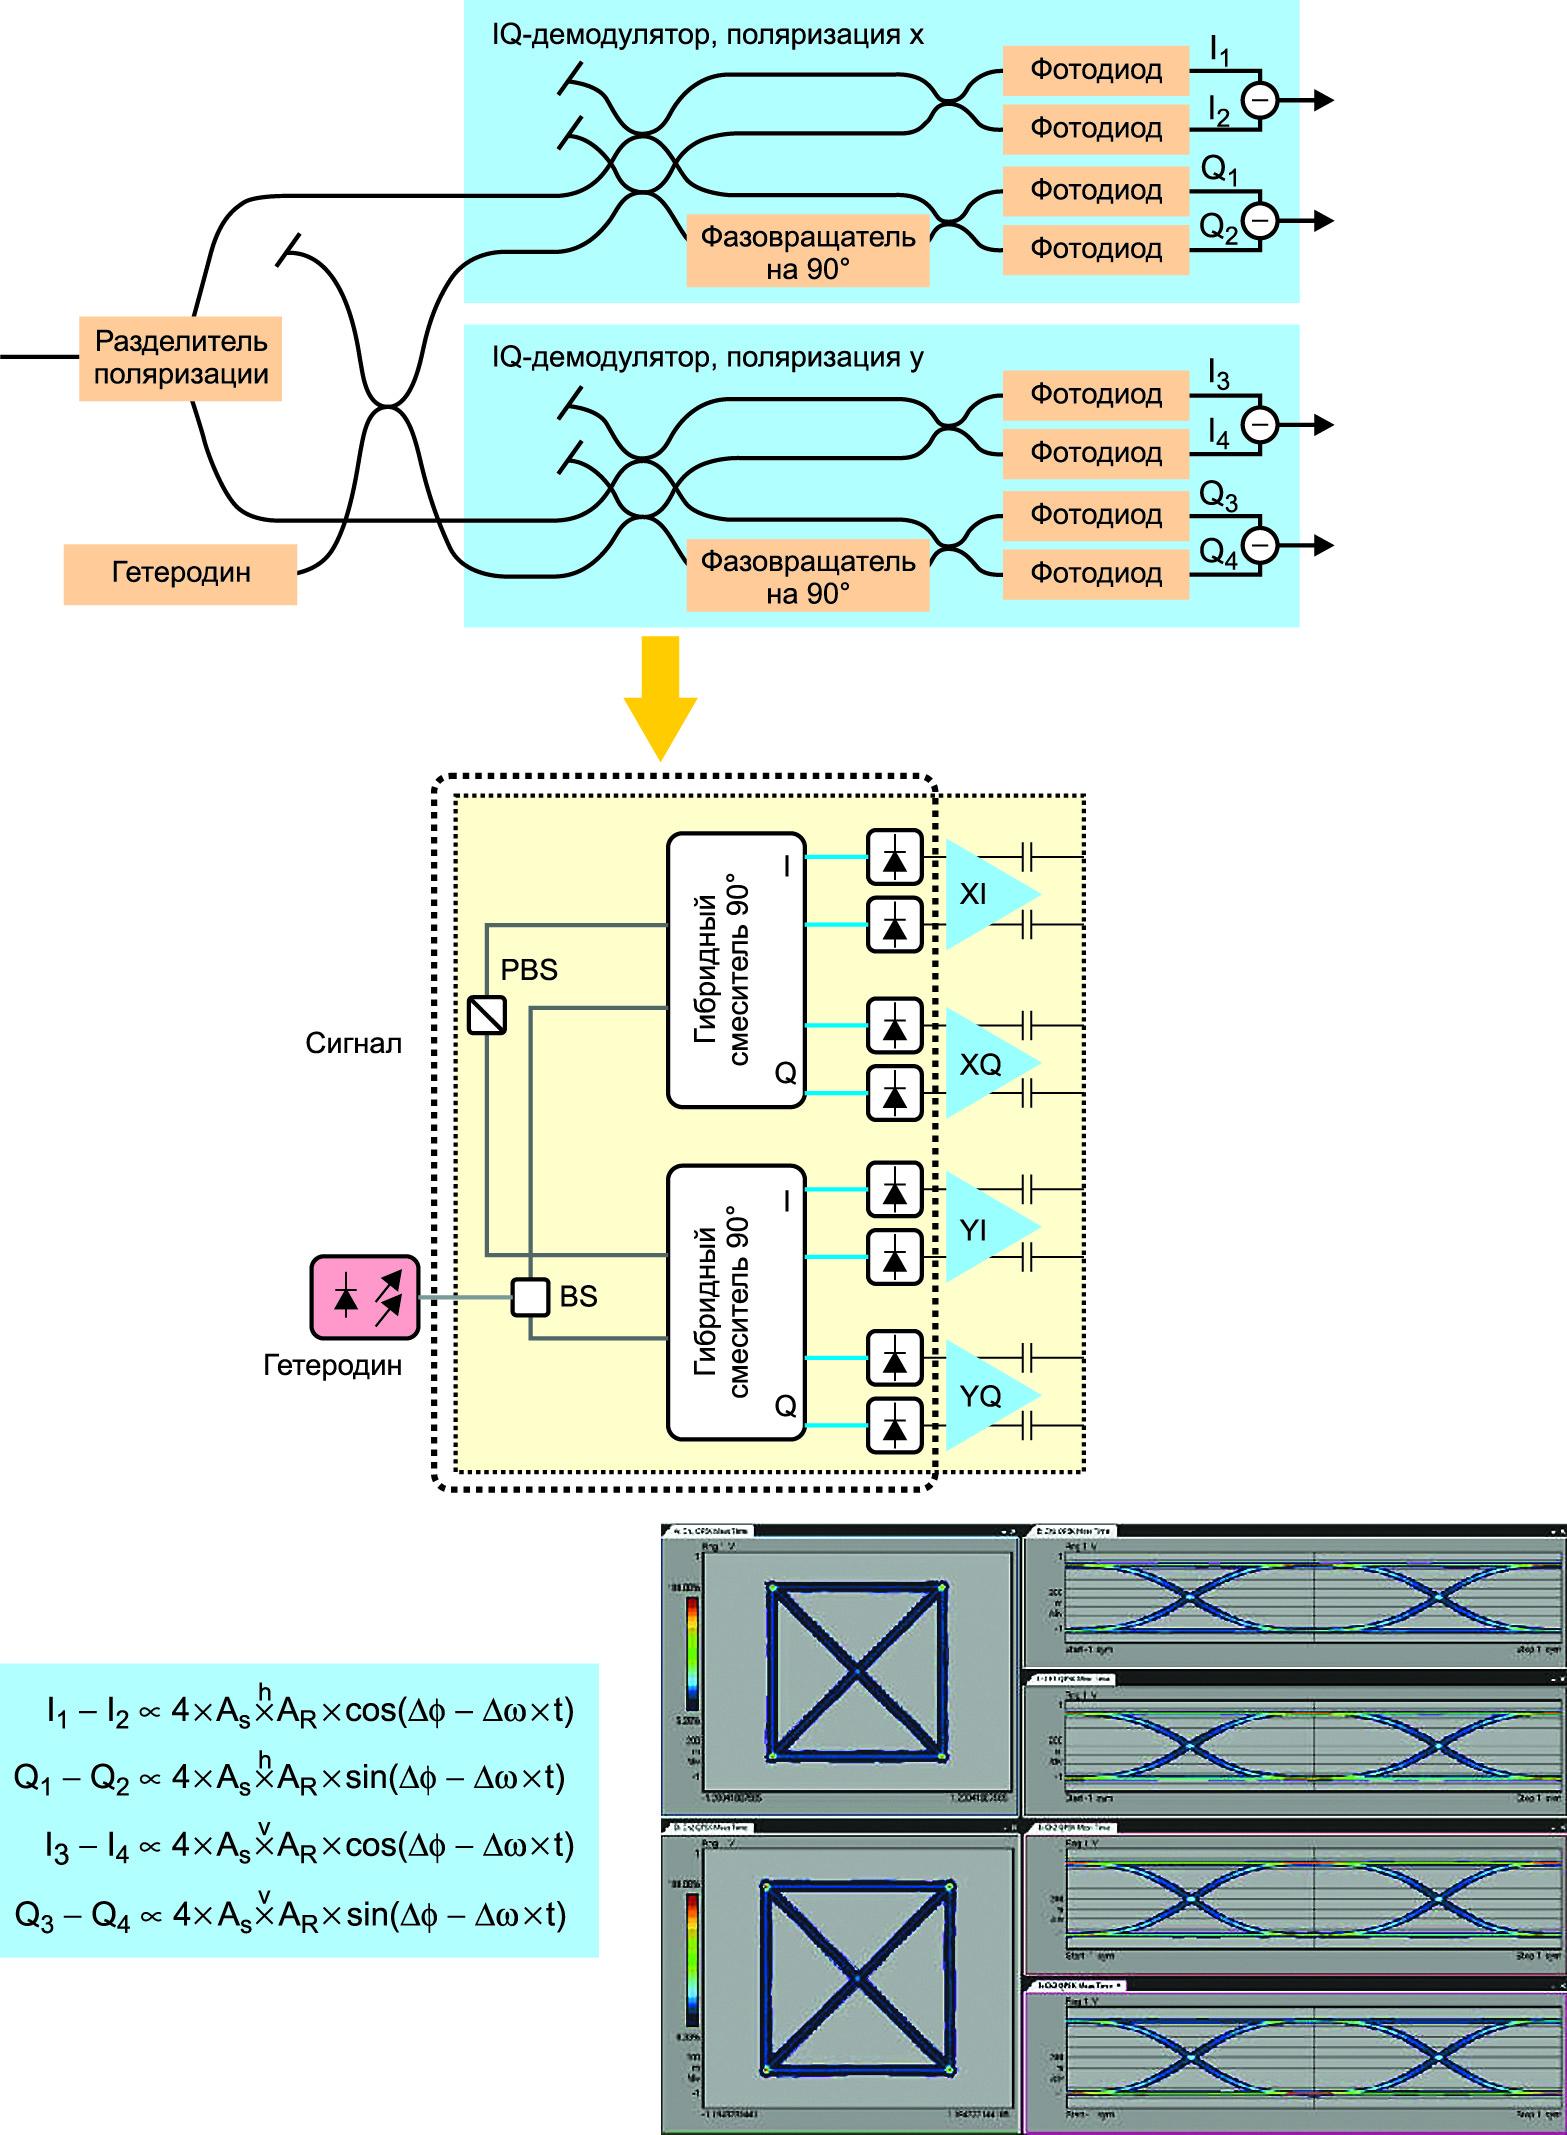 IQ-демодулятор для разделения поляризации